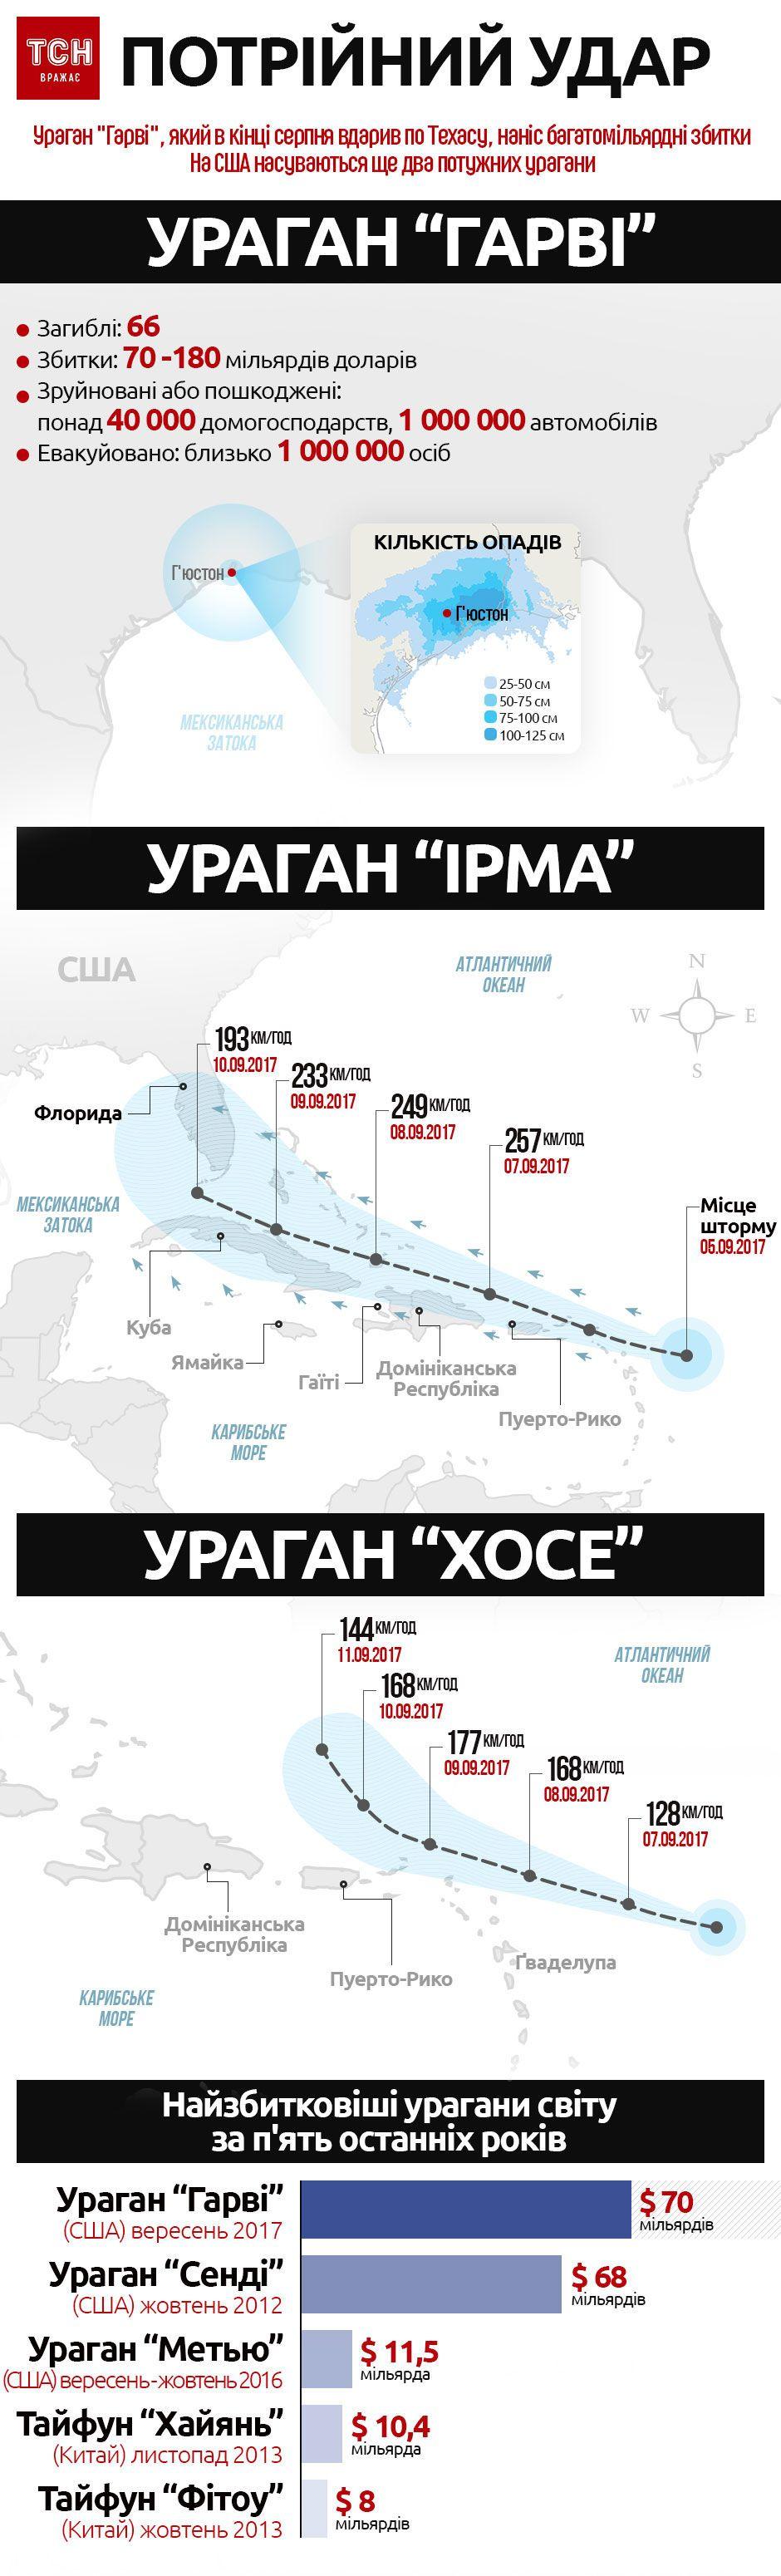 урагани Гарві, Ірма, Хосе, інфографіка